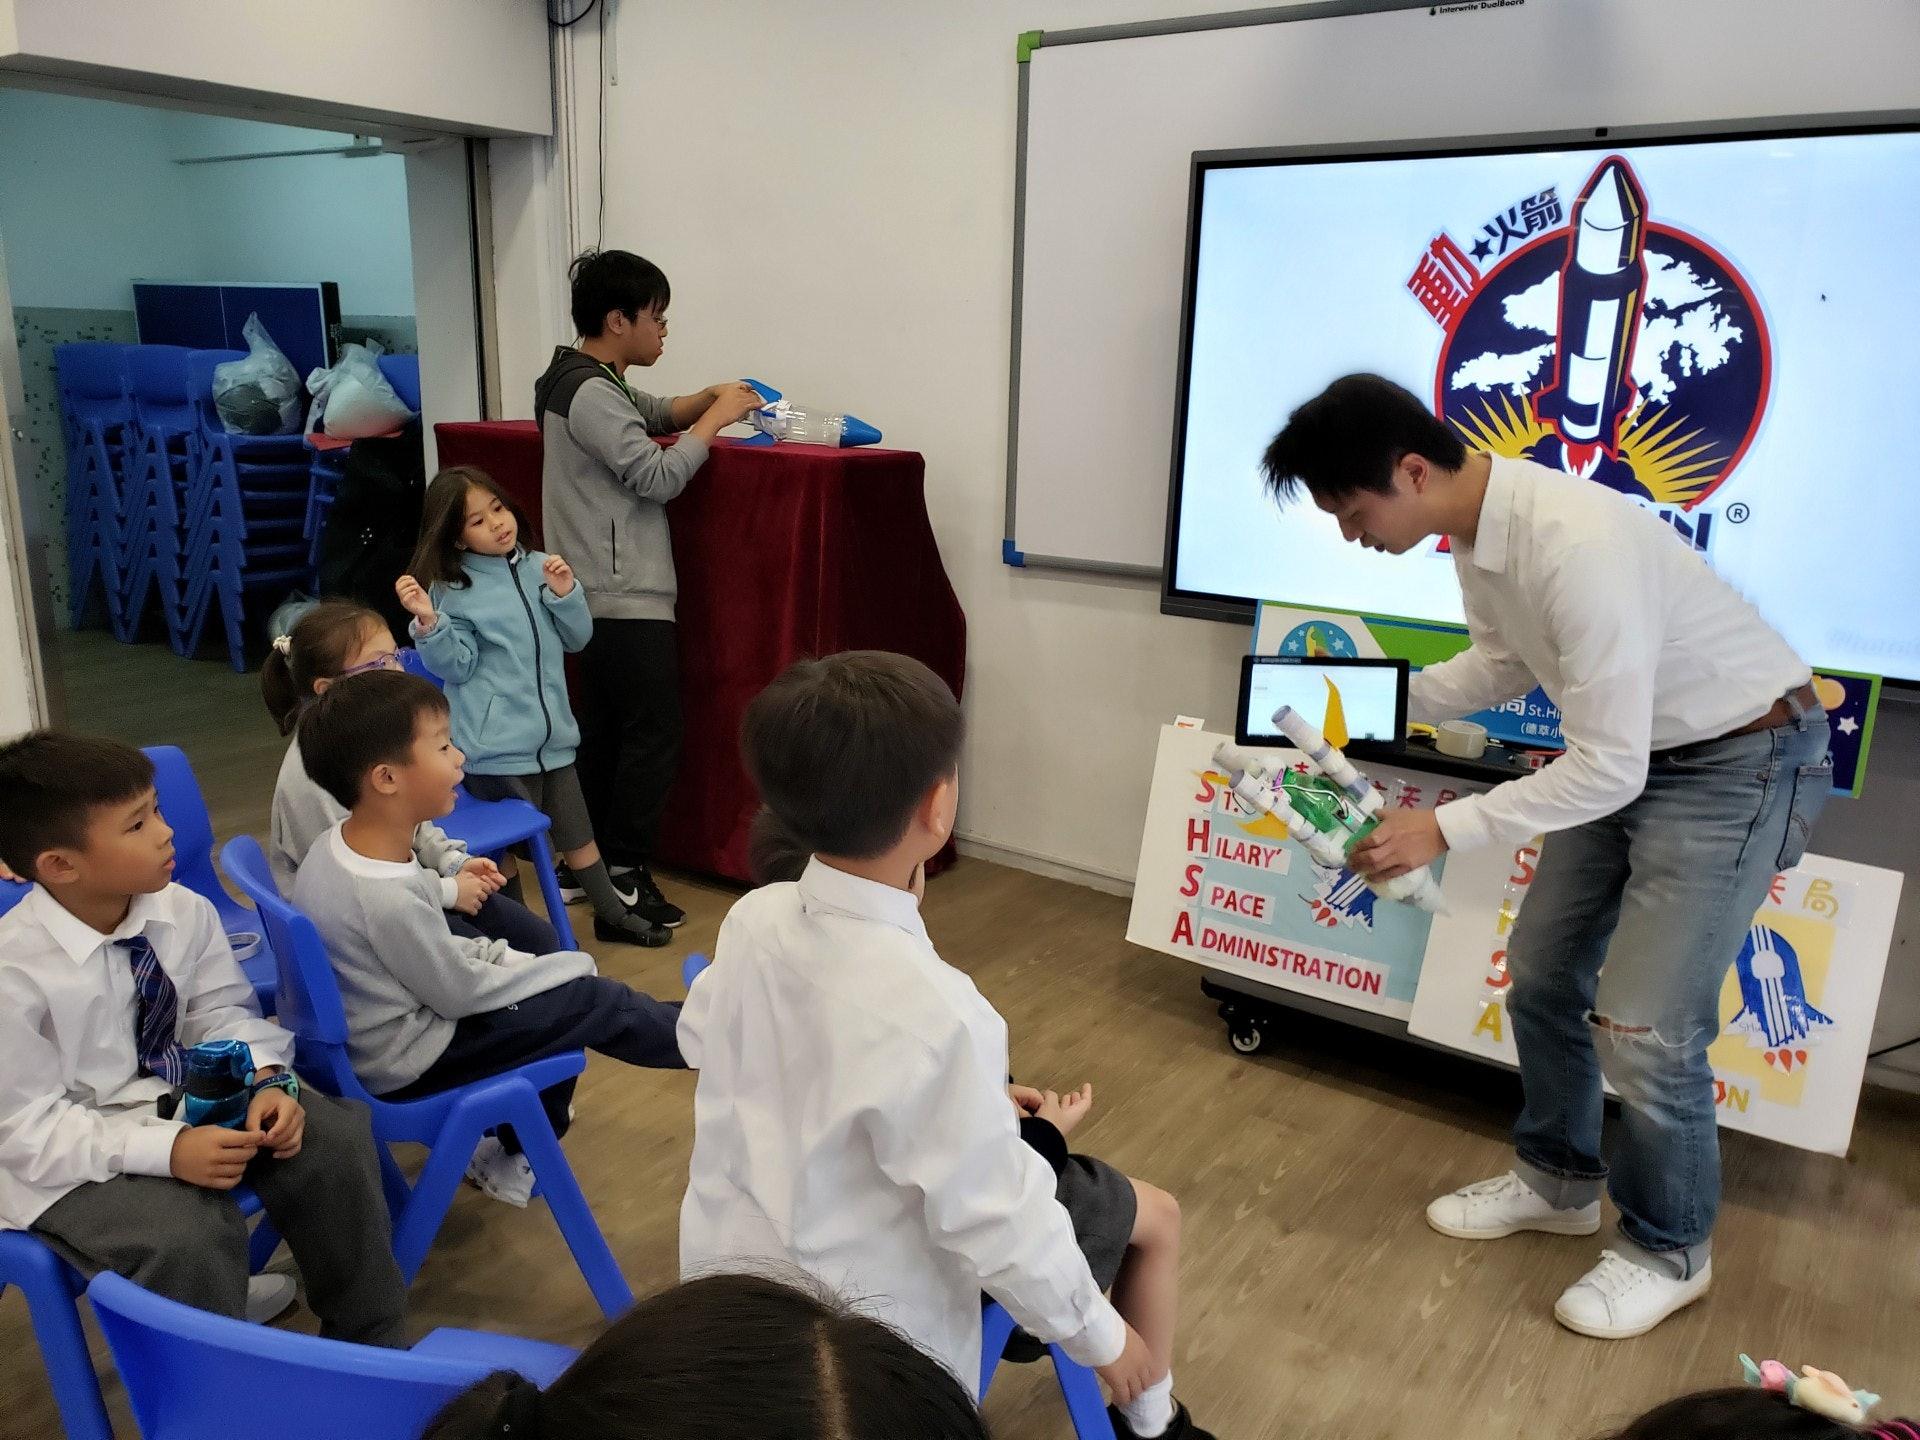 動火箭的創辦人Marco向同學講解水火箭的結構原理。(德萃小學圖片)